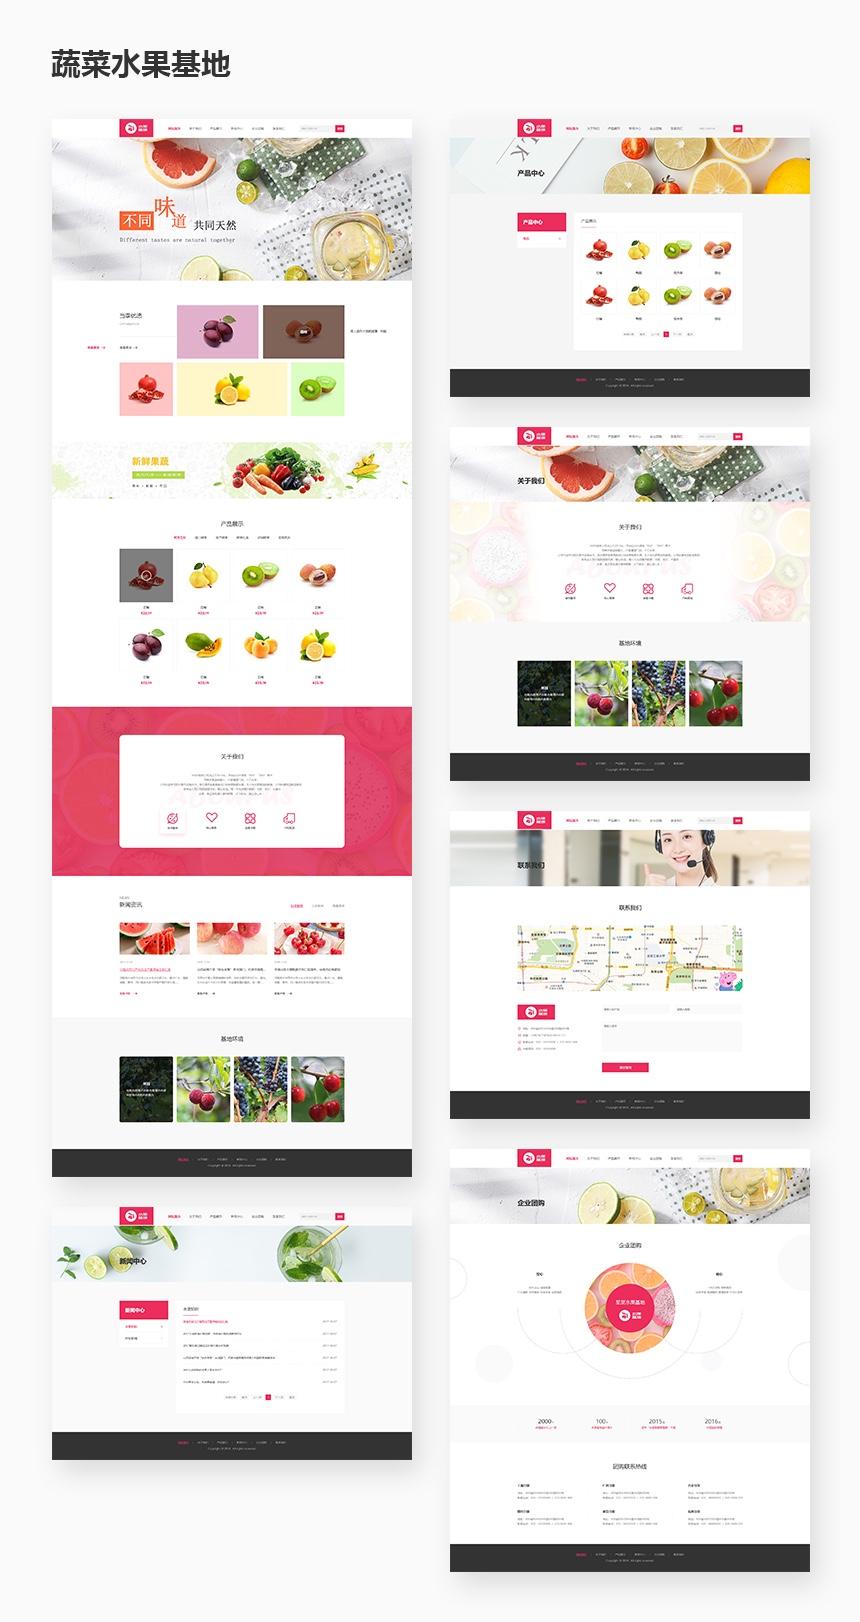 蔬菜水果基地效果图.jpg